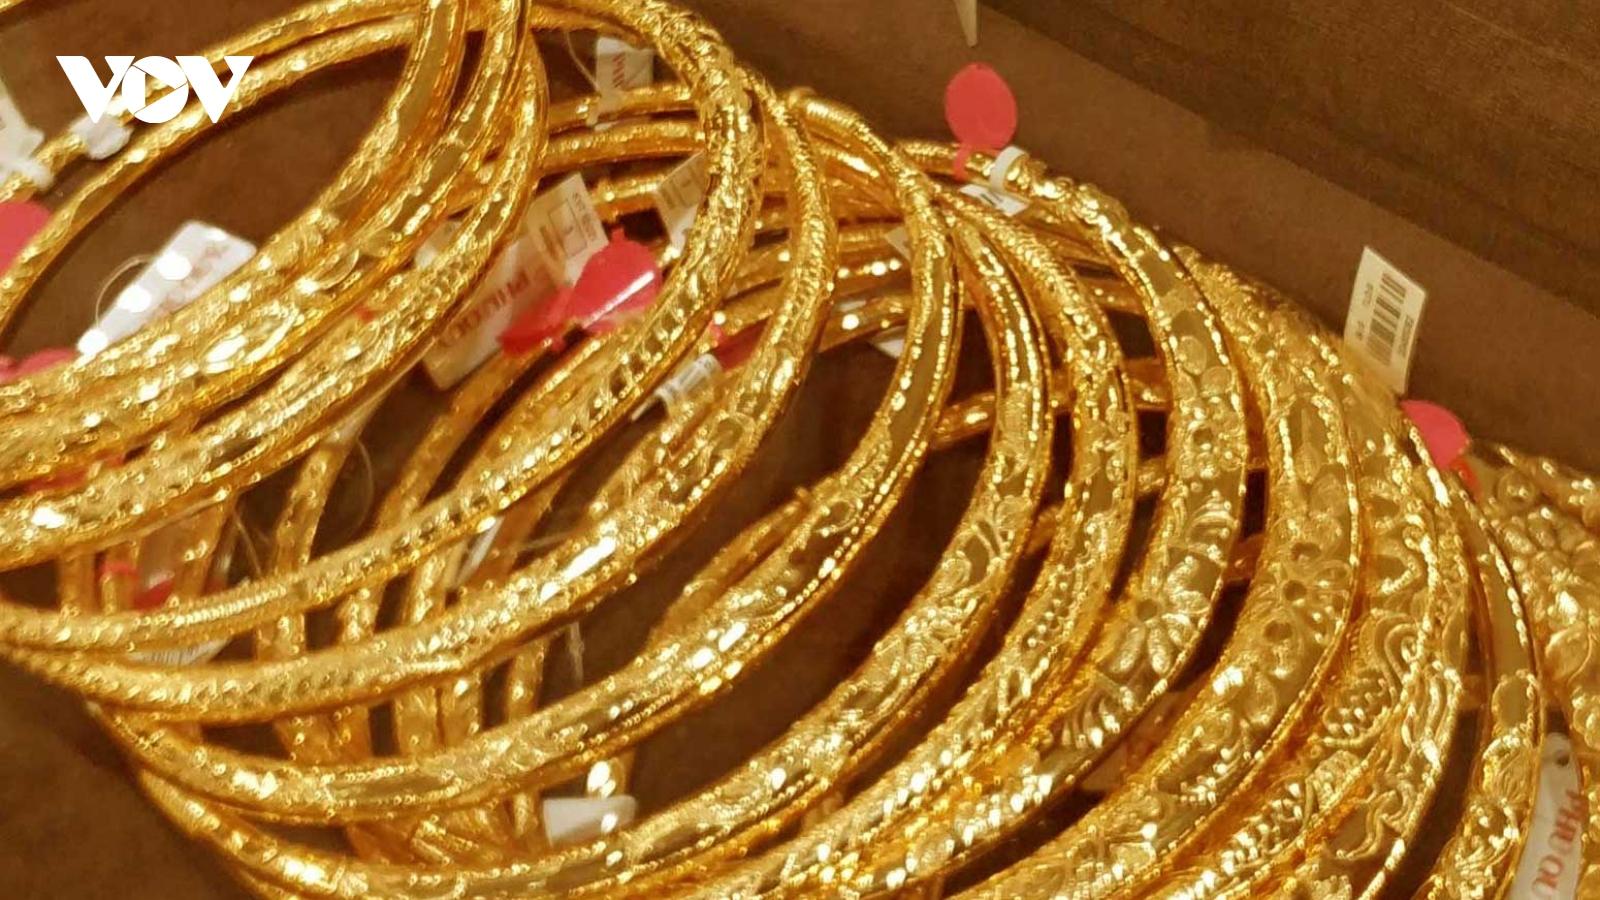 Giá vàng SJC tăng trở lại sau khi giảm về sát mốc 56 triệu đồng/lượng